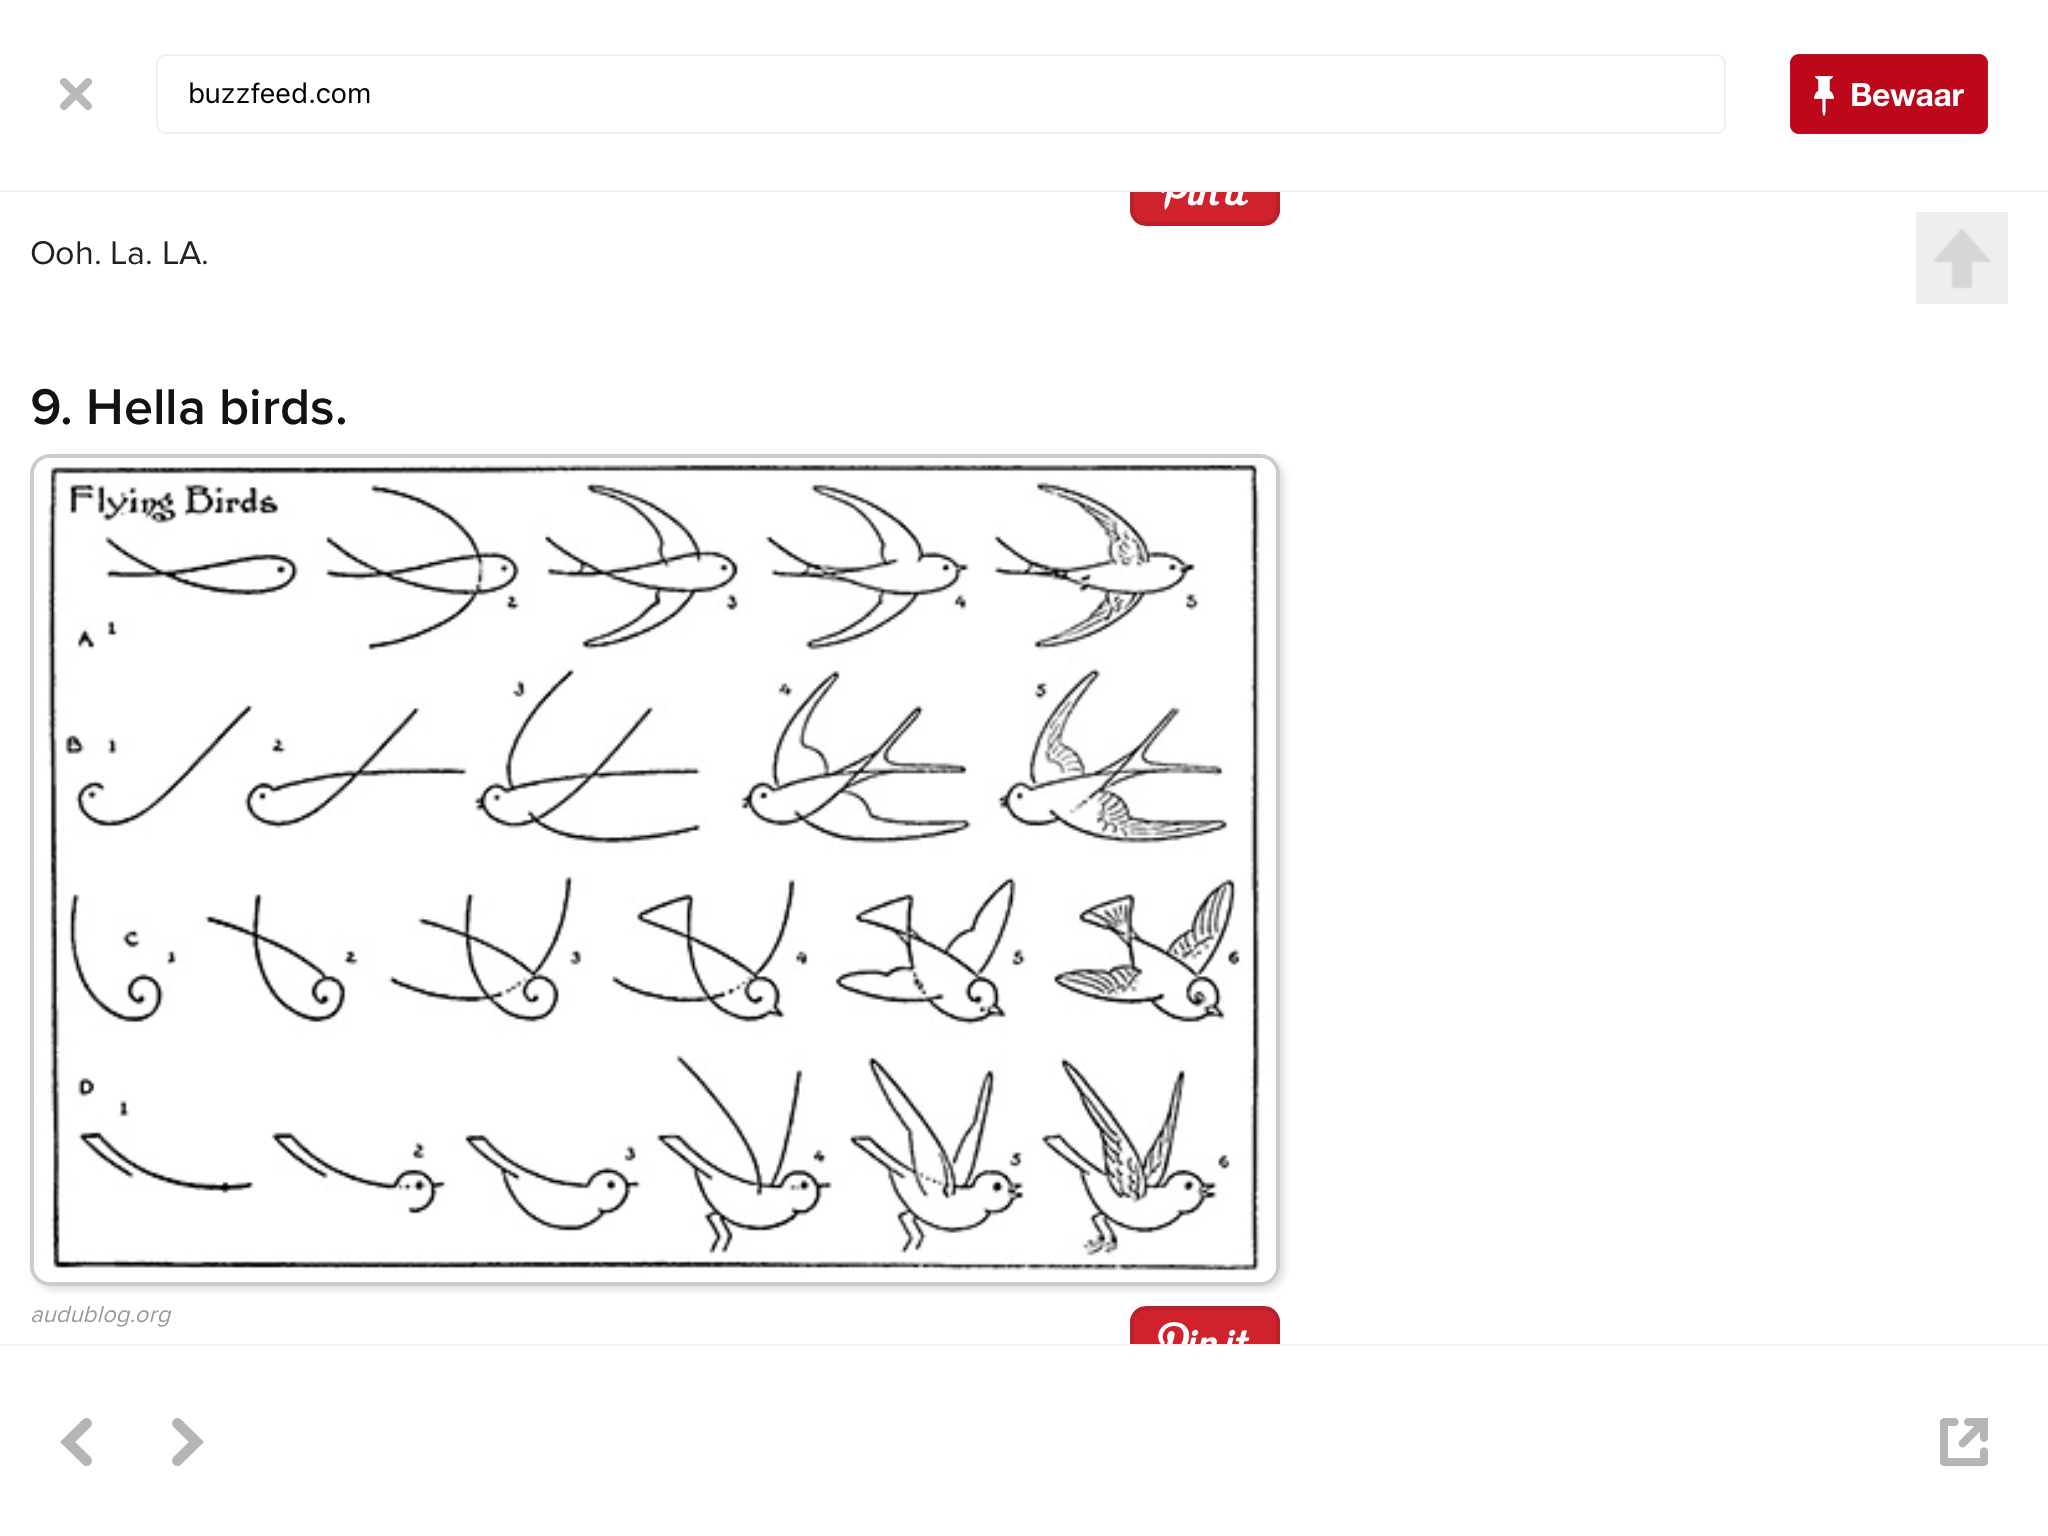 Atemberaubend 82 Atemberaubend Wie Diagramm Online Zeichnen Galerie ...